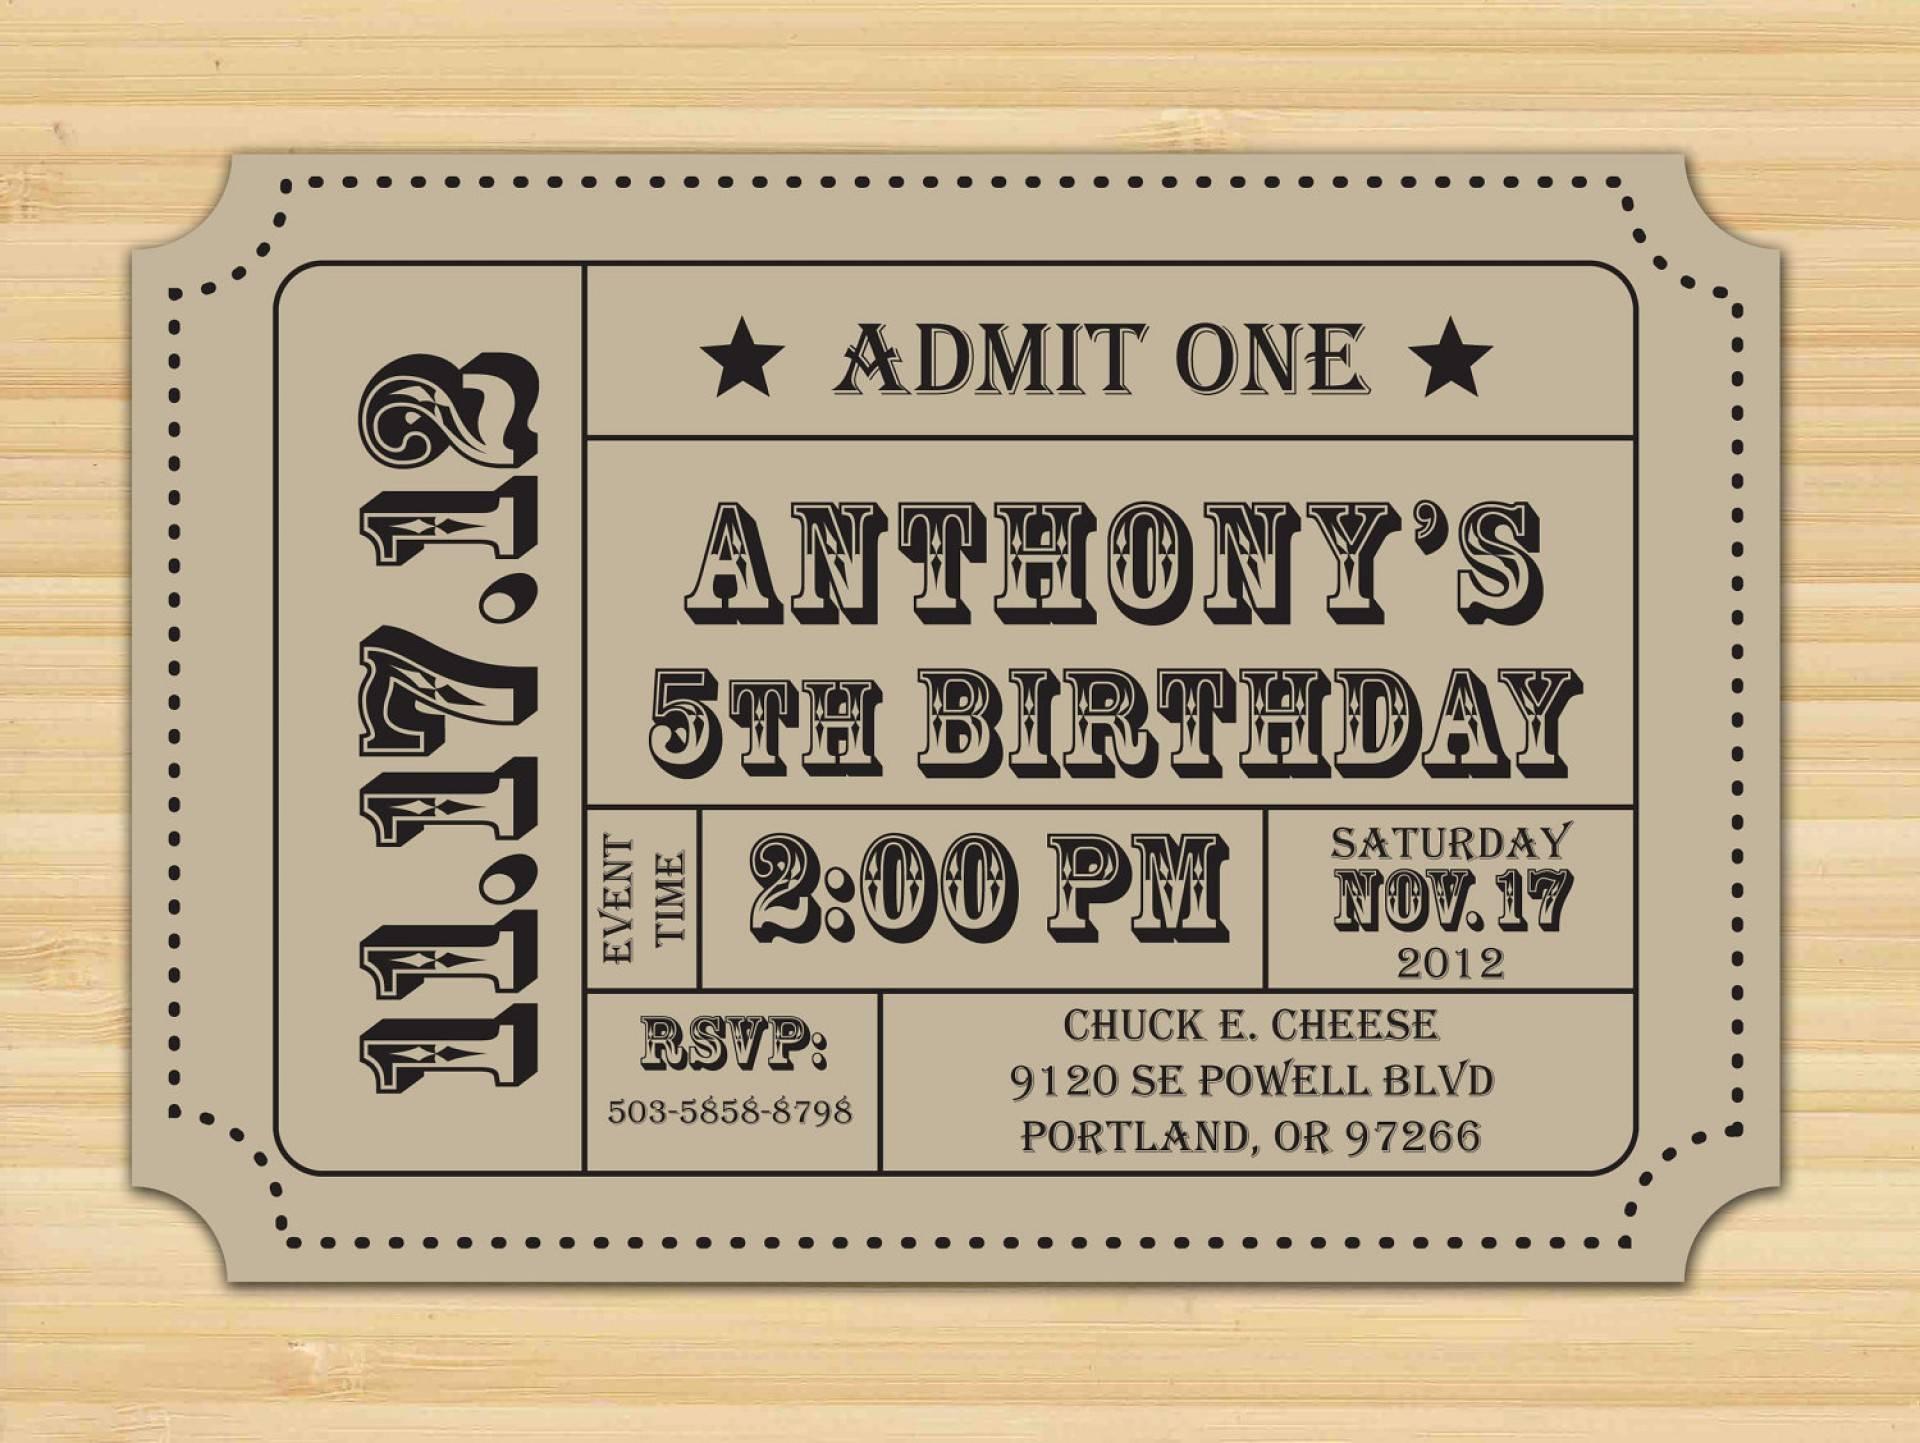 Ticket Stub Invitations Template